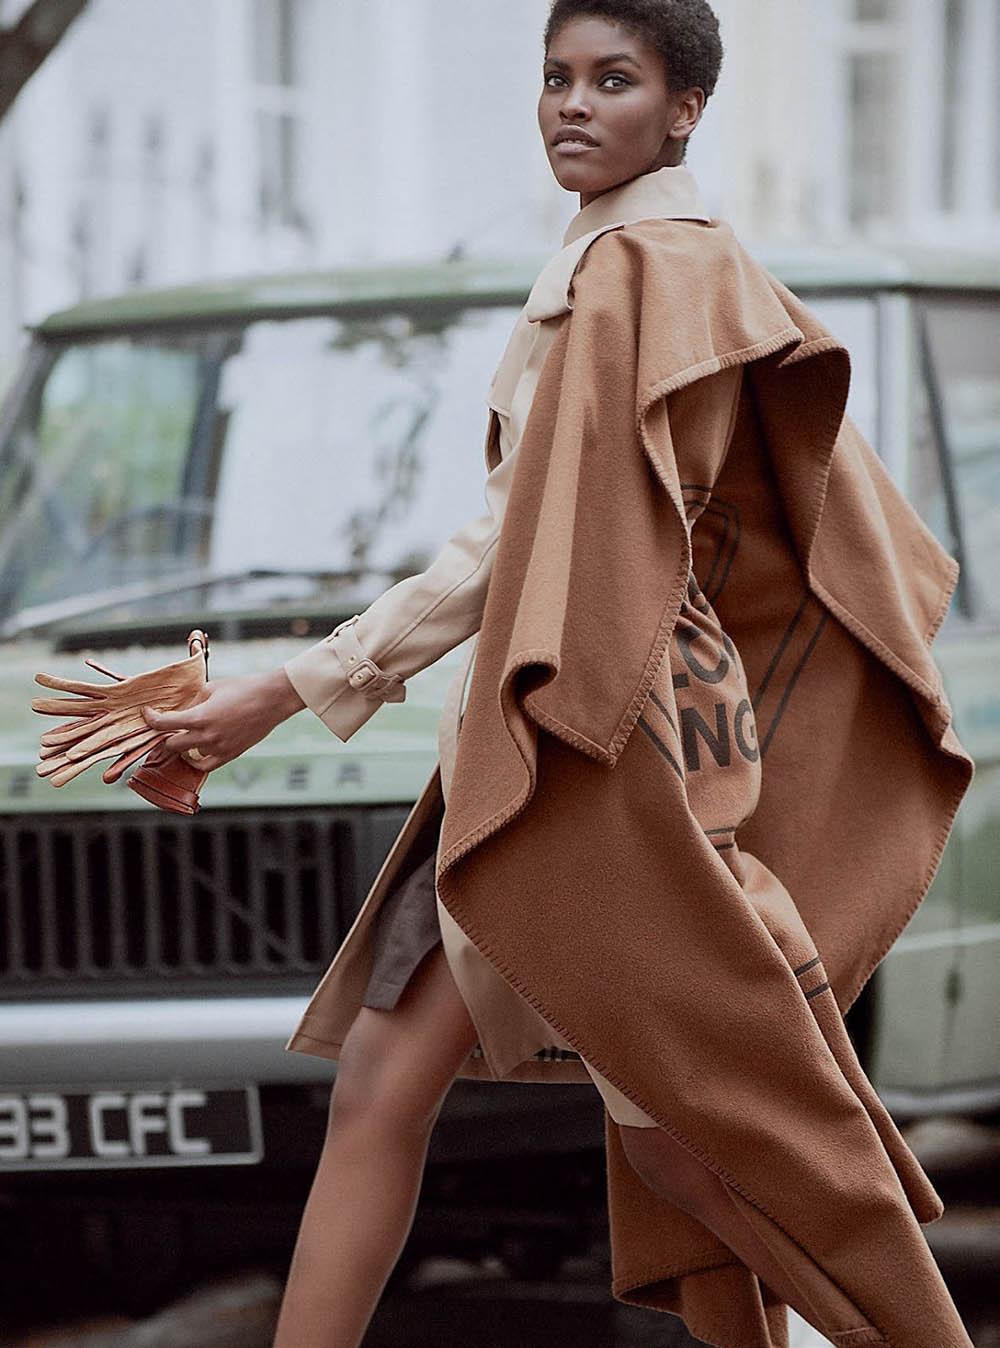 Amilna Estêvão by Regan Cameron for Harper's Bazaar UK September 2019